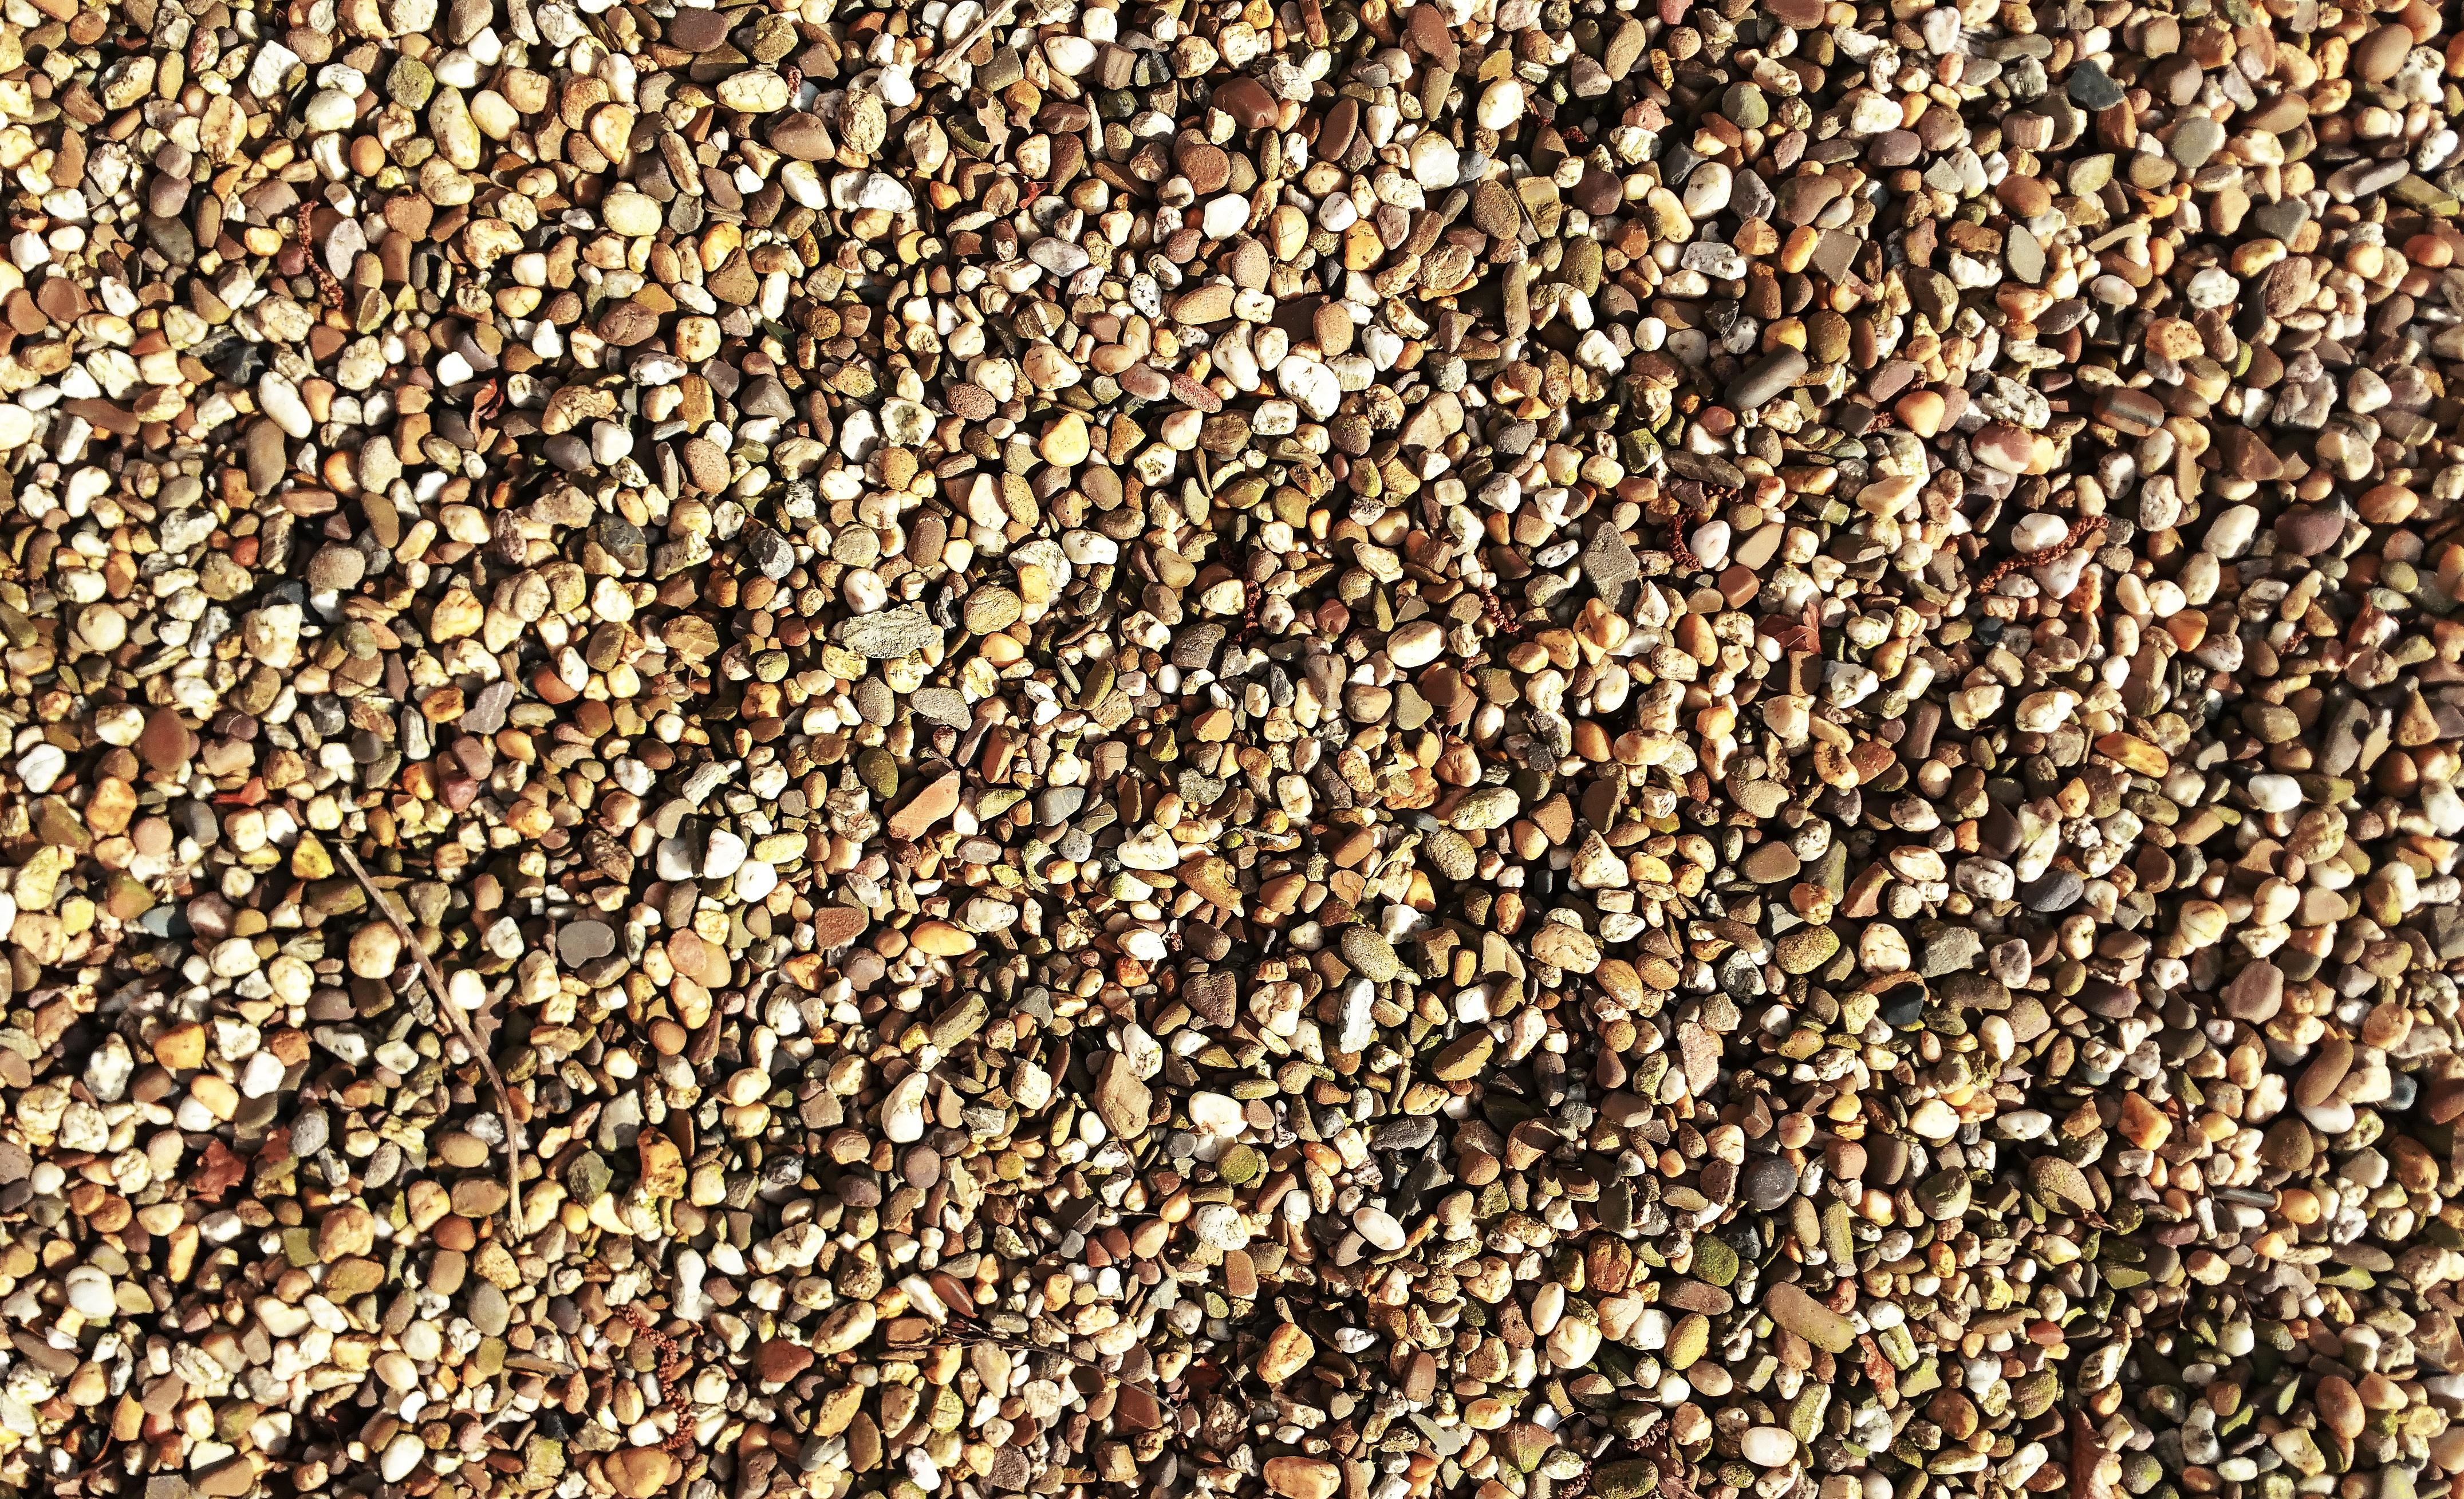 arena estructura blanco suelo textura piedra asfalto subterrneo patrn produce cultivo guijarro suelo material fondo grava